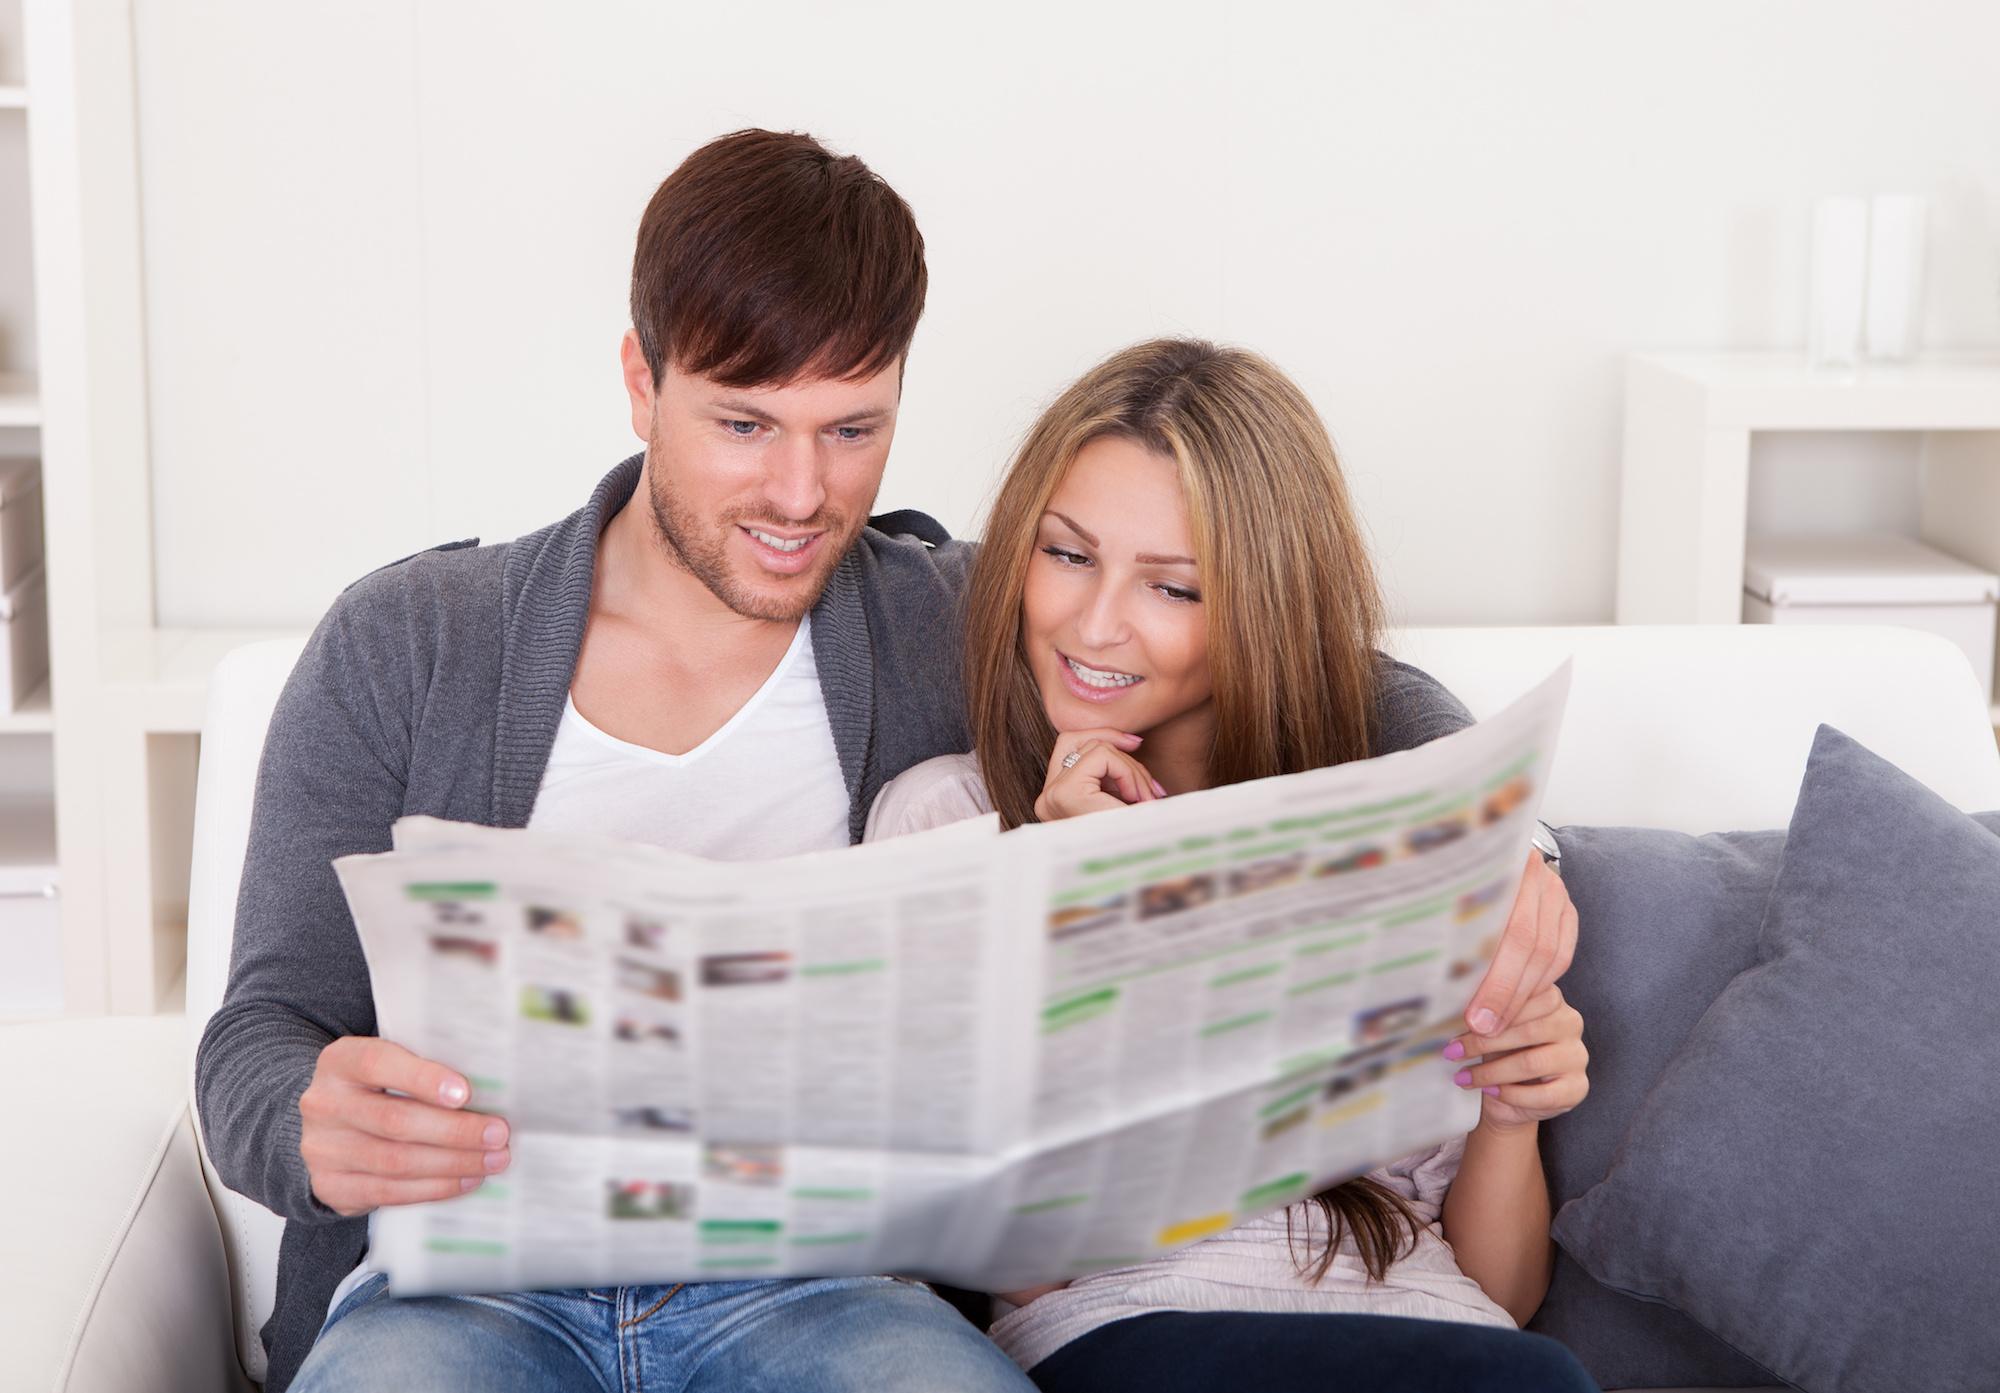 maak je eigen huwelijkskrant uitnodiging - Happiedays